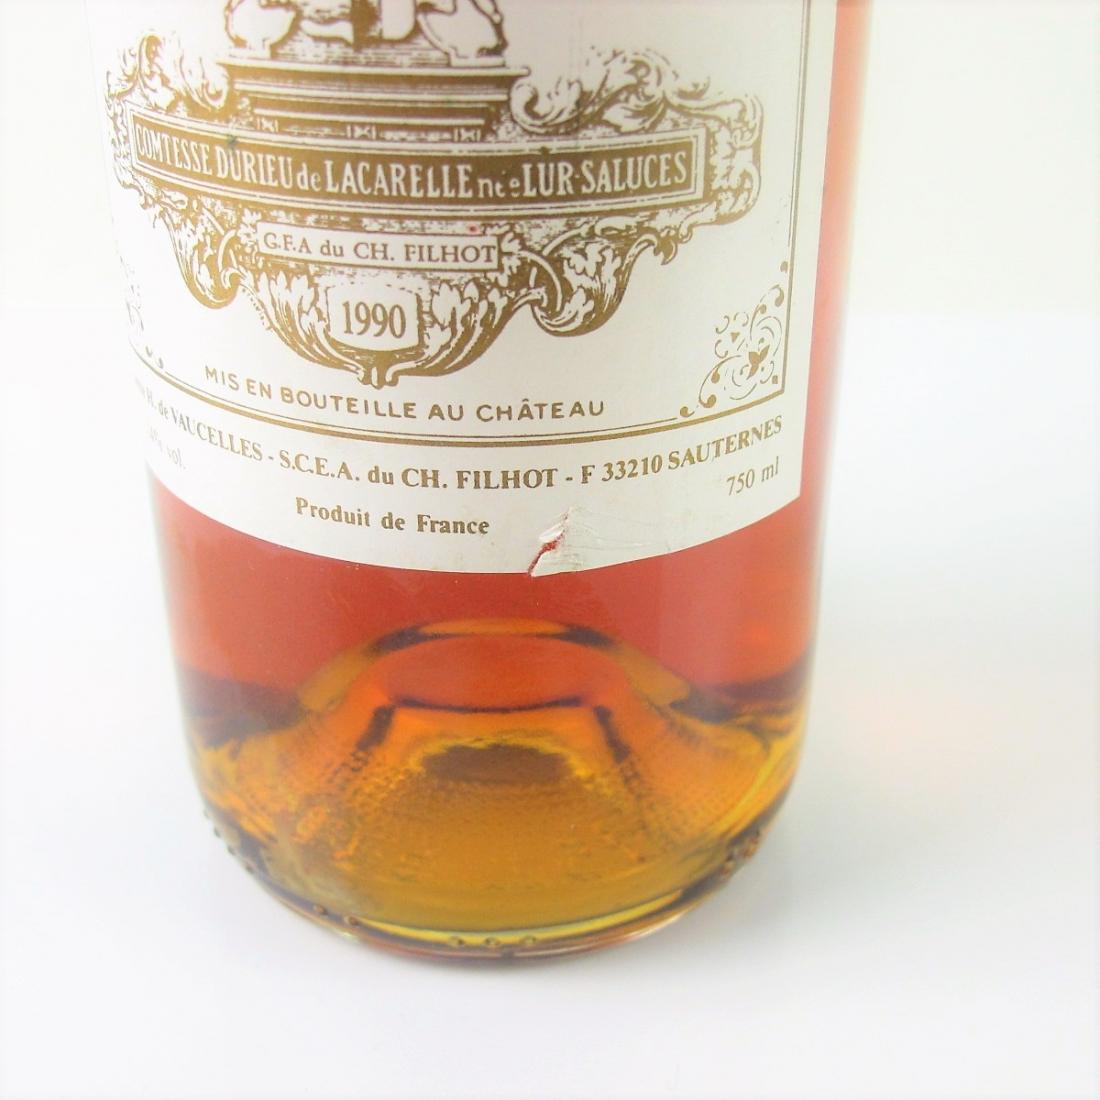 Ch. Filhot 1990 Sauternes 2eme-Cru